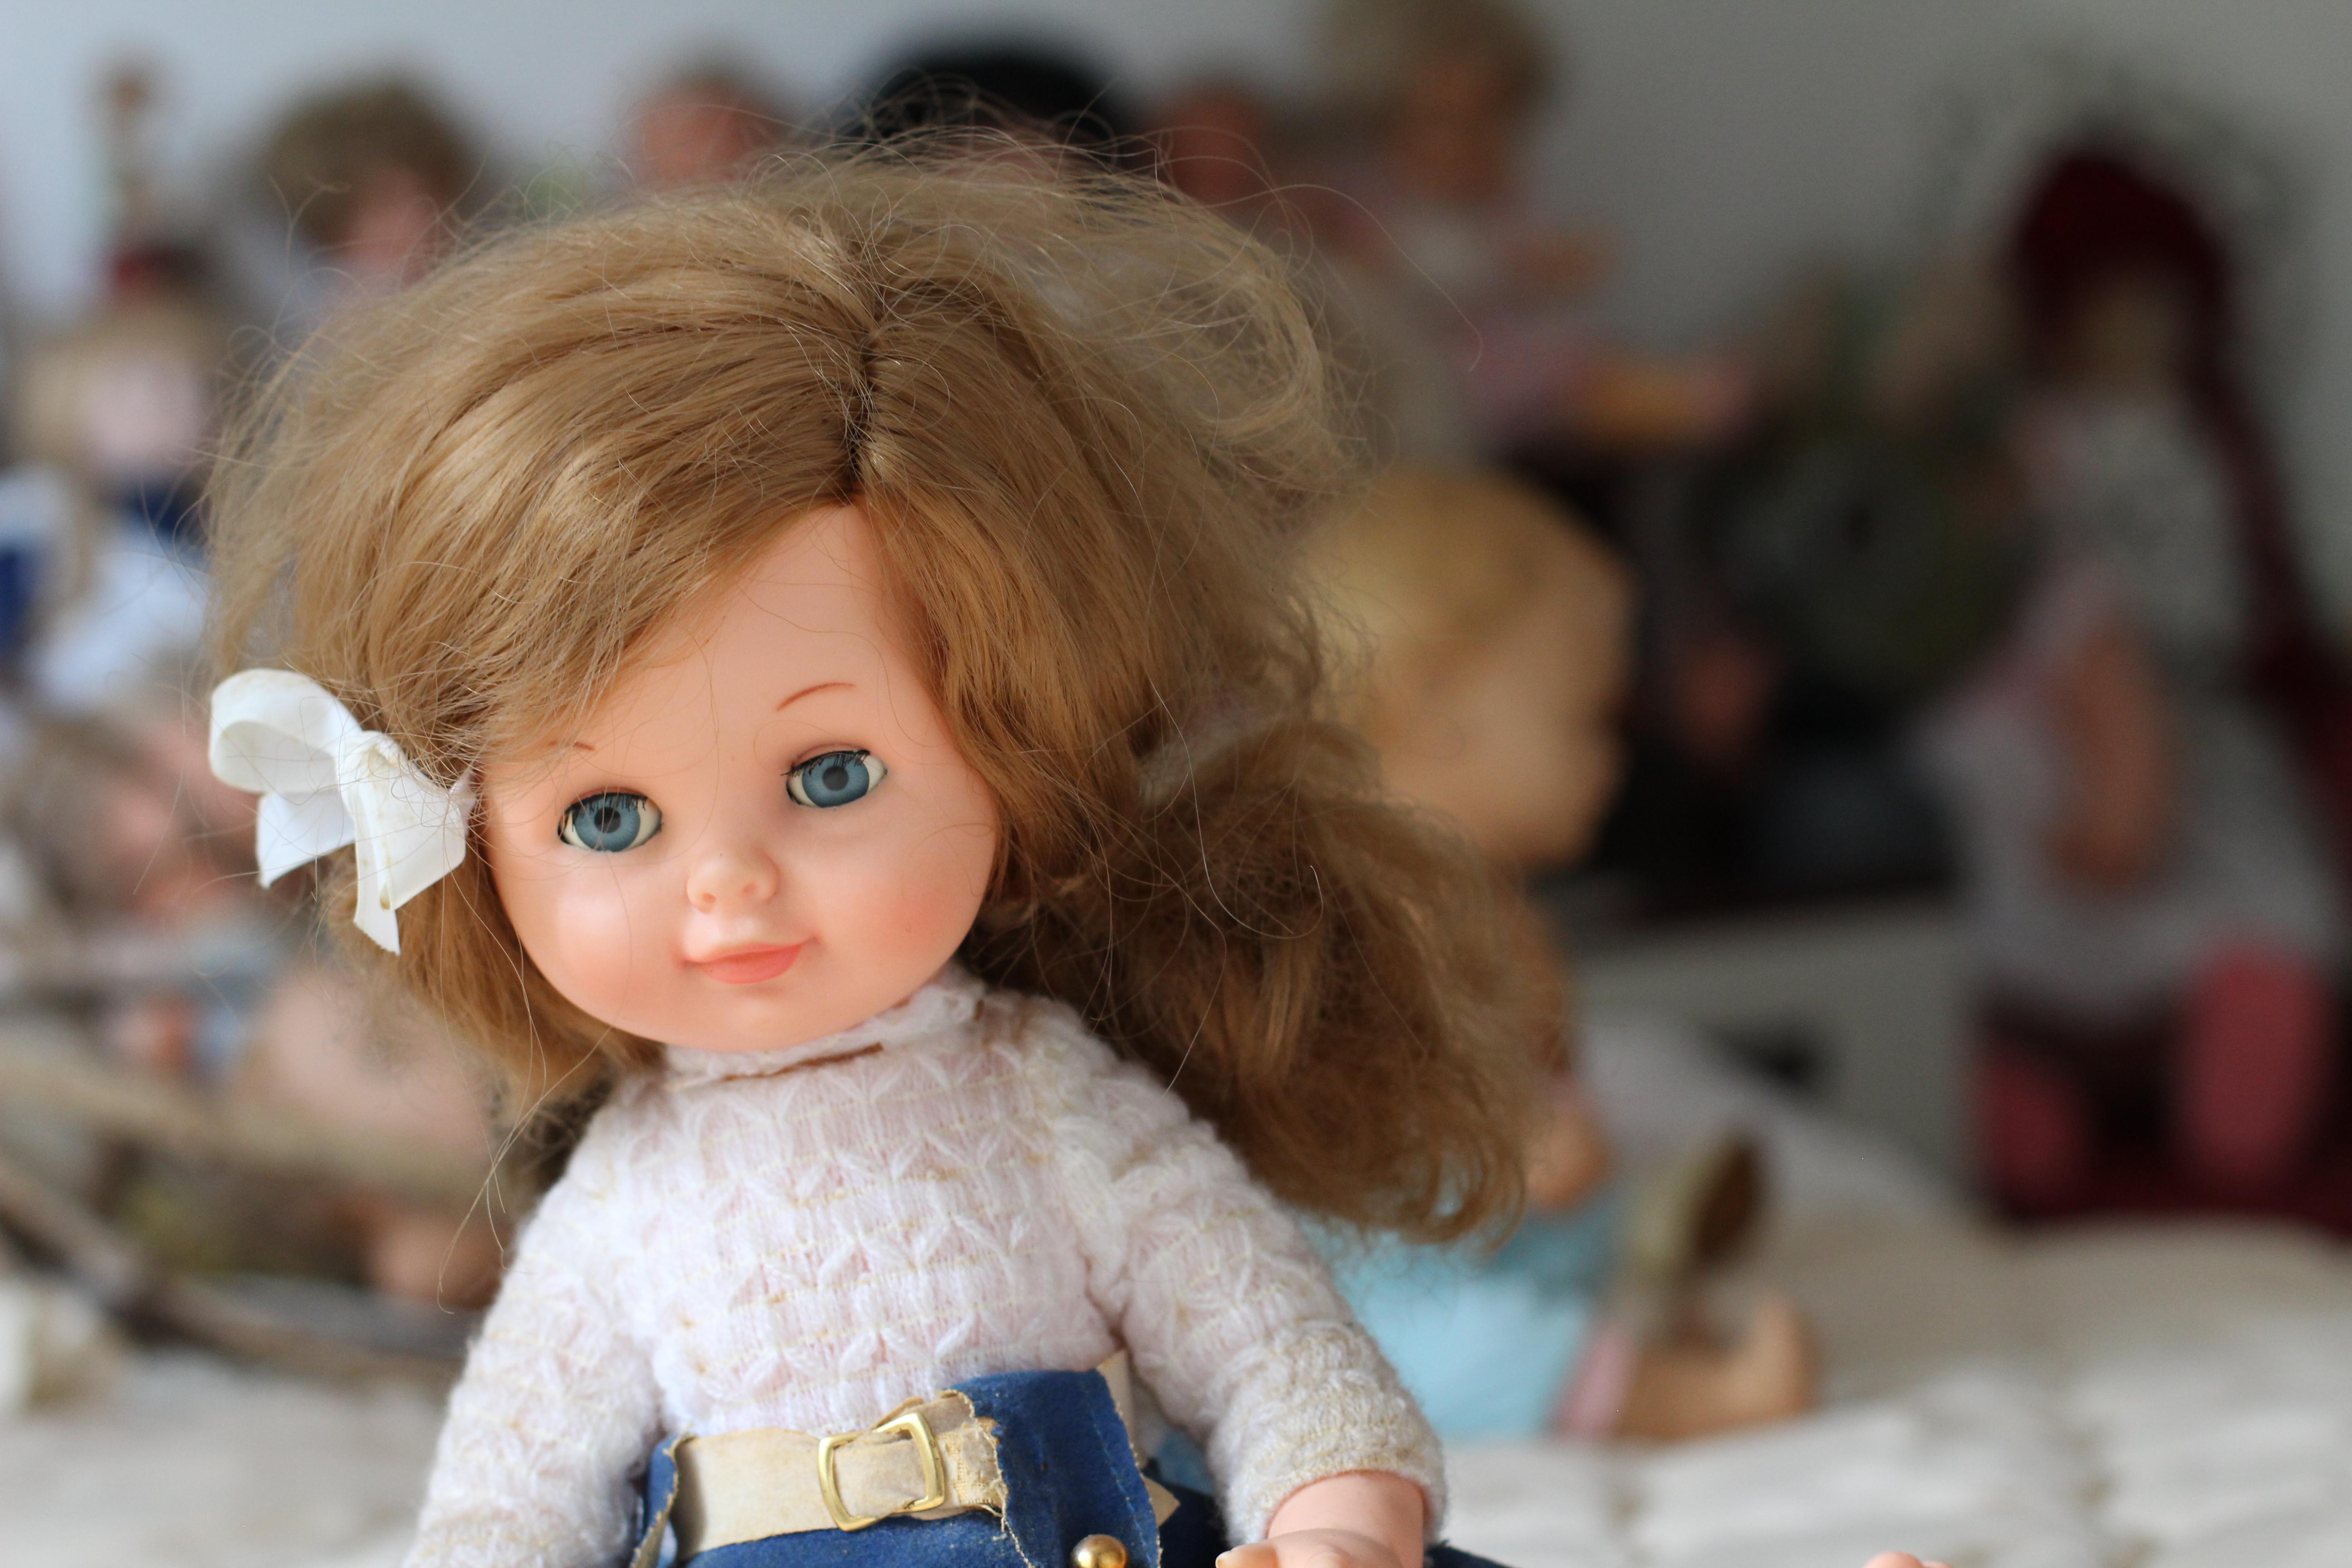 Russland: Erste Transgender-Puppe mit Penis im Angebot